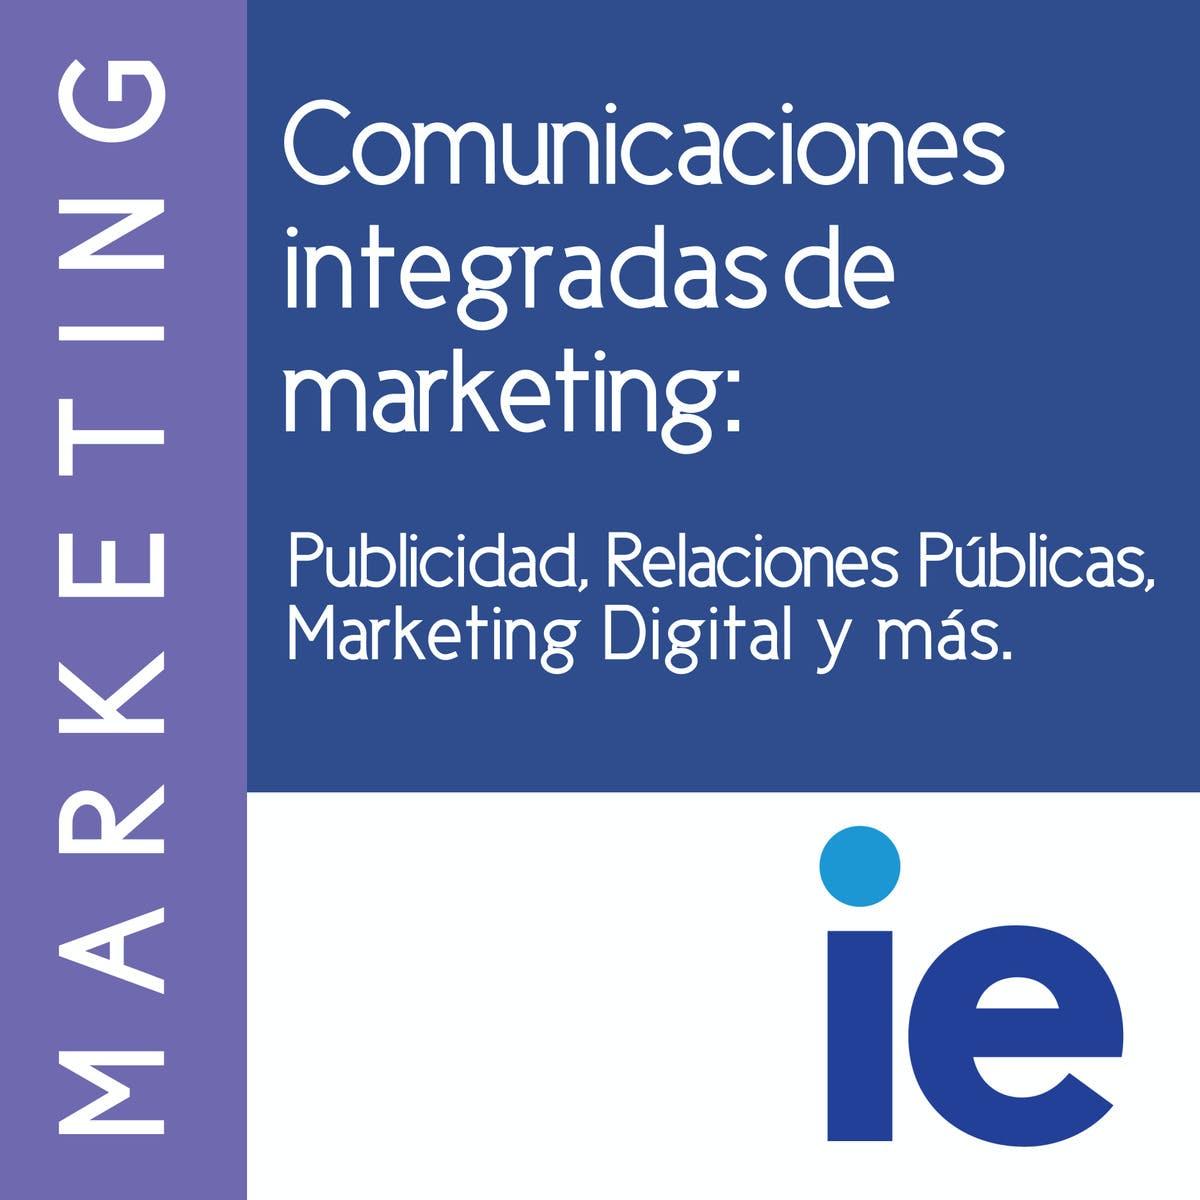 Comunicaciones integradas de marketing: Publicidad, Relaciones Públicas, Marketing Digital y más